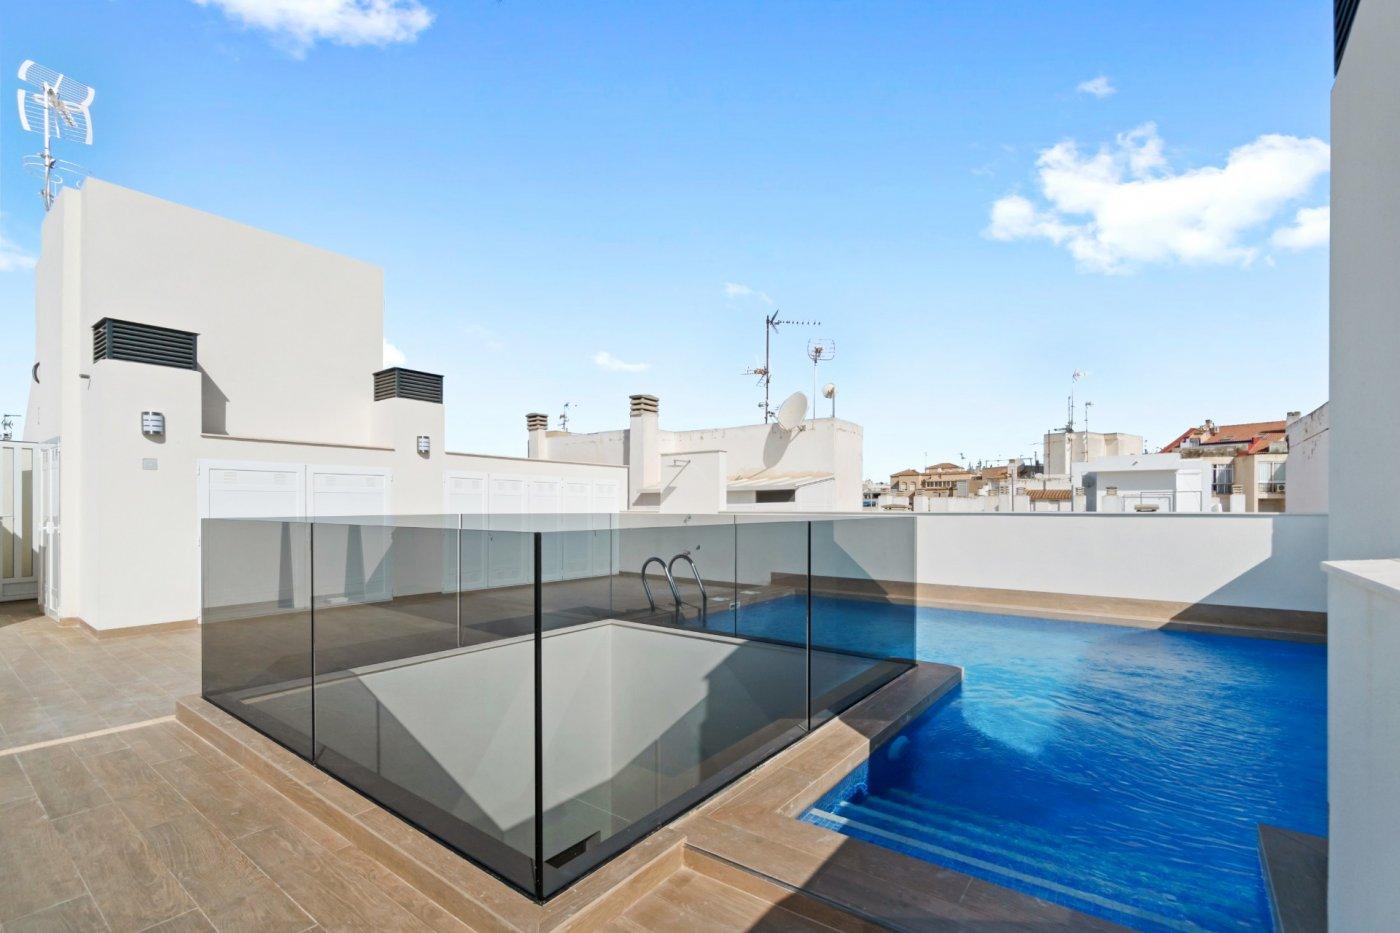 NEW BUILD APARTMENTS KEY READY AT PLAYA DEL CURA, LAST UNITS AVAILABLE!! (Playa del cura)